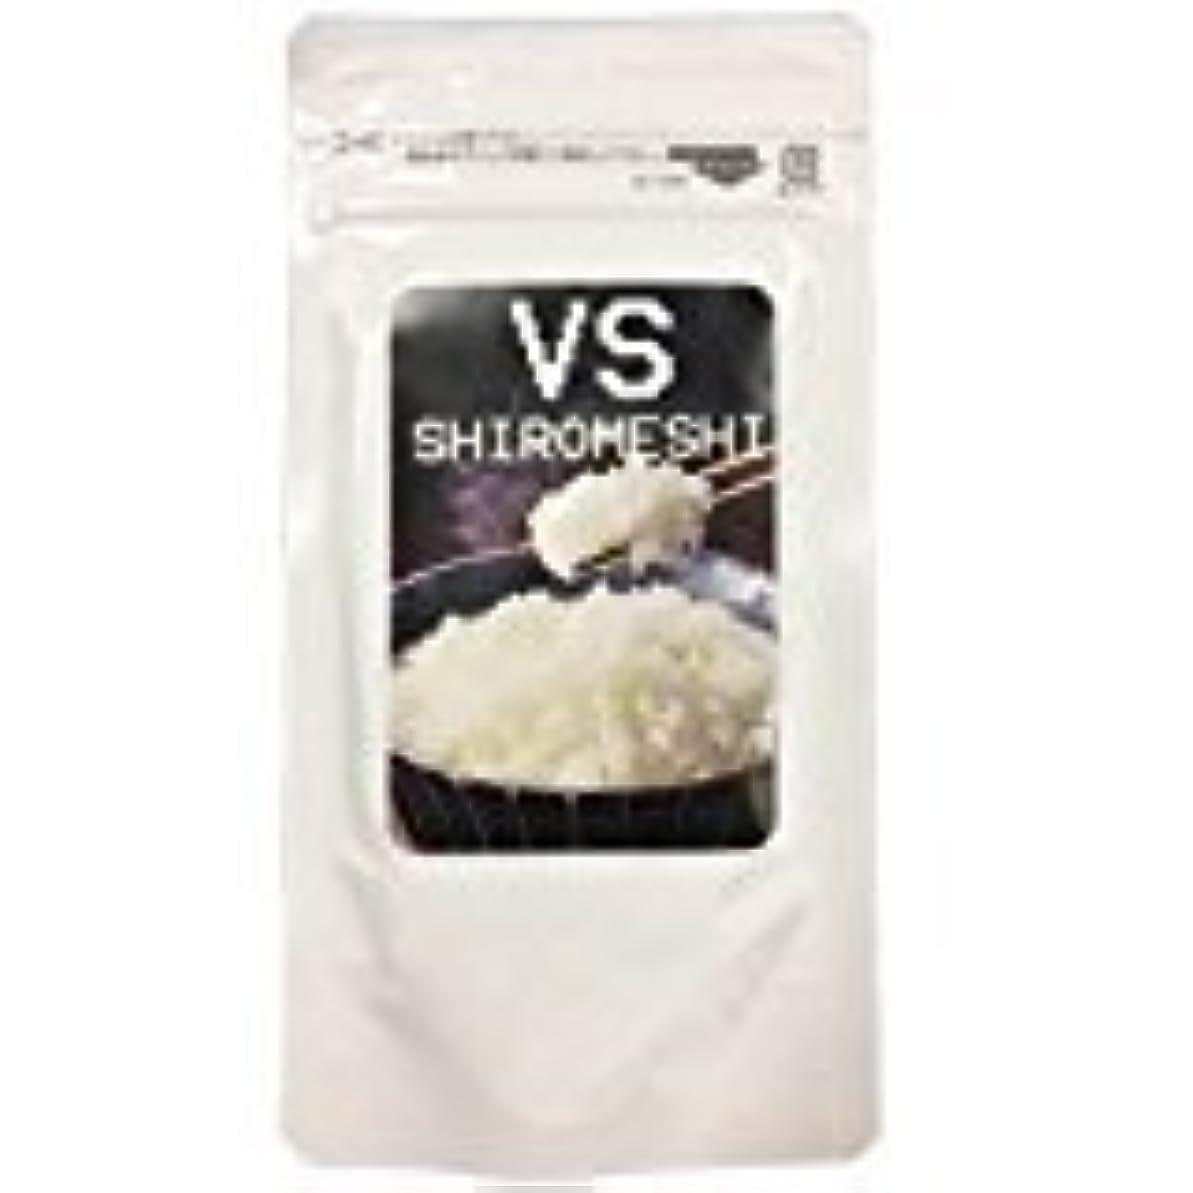 クラブ生き残ります料理VS SHIROMESHI